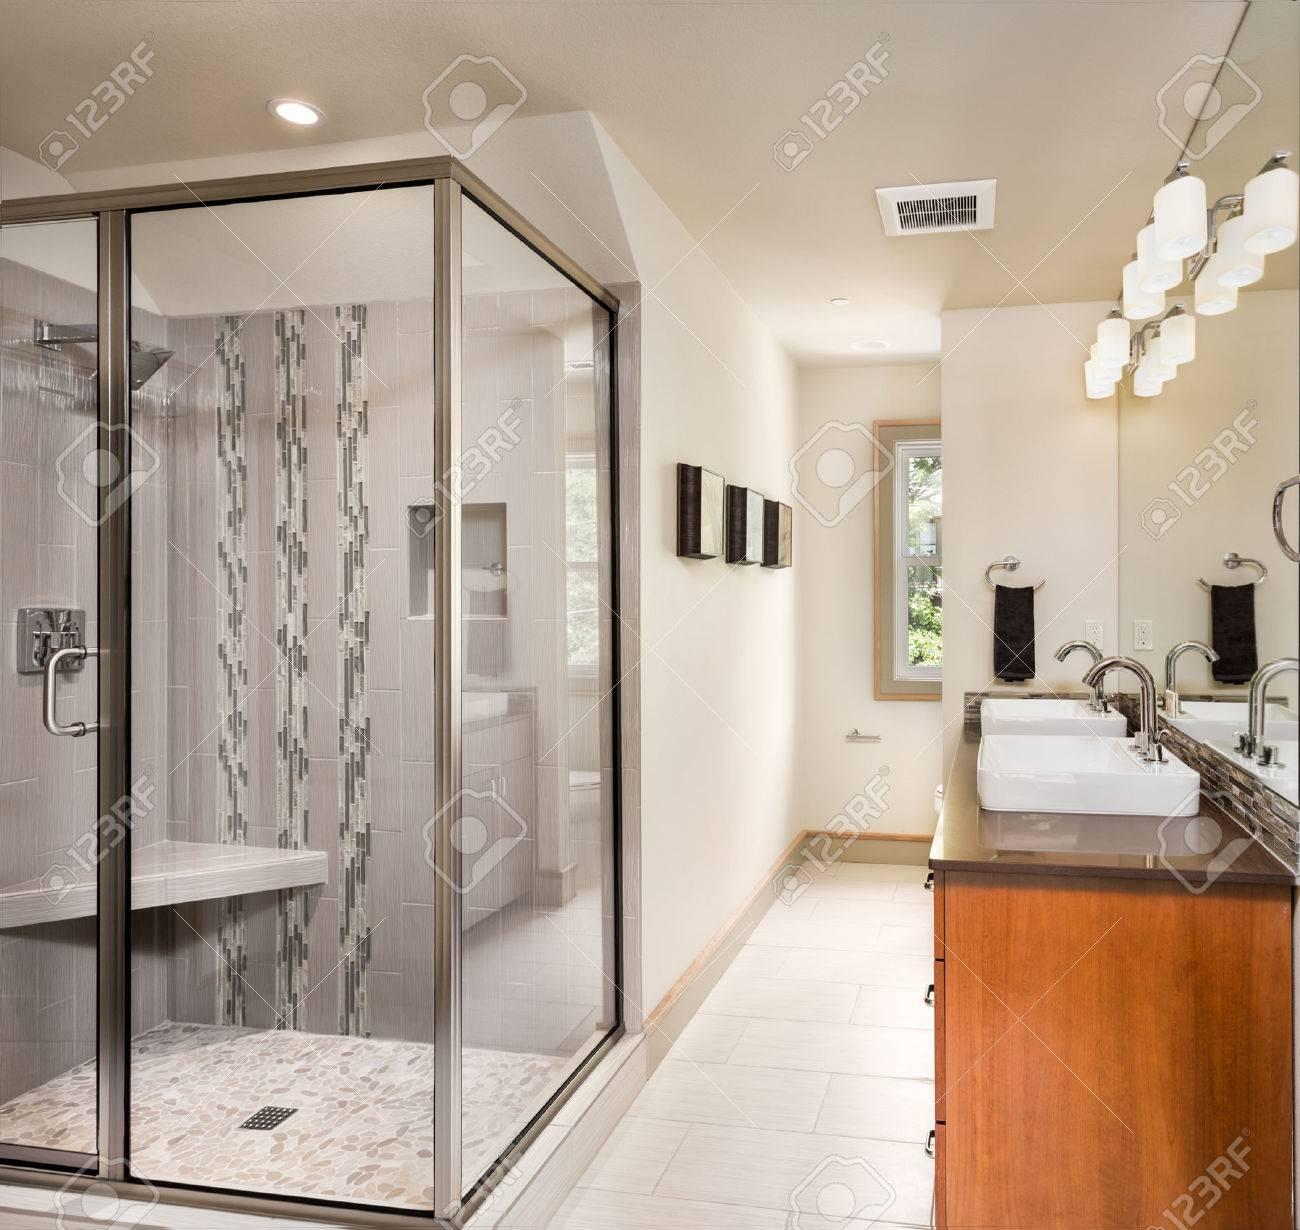 Große Möblierte Badezimmer In Luxus-Haus Mit Fliesenboden, Zwei ...